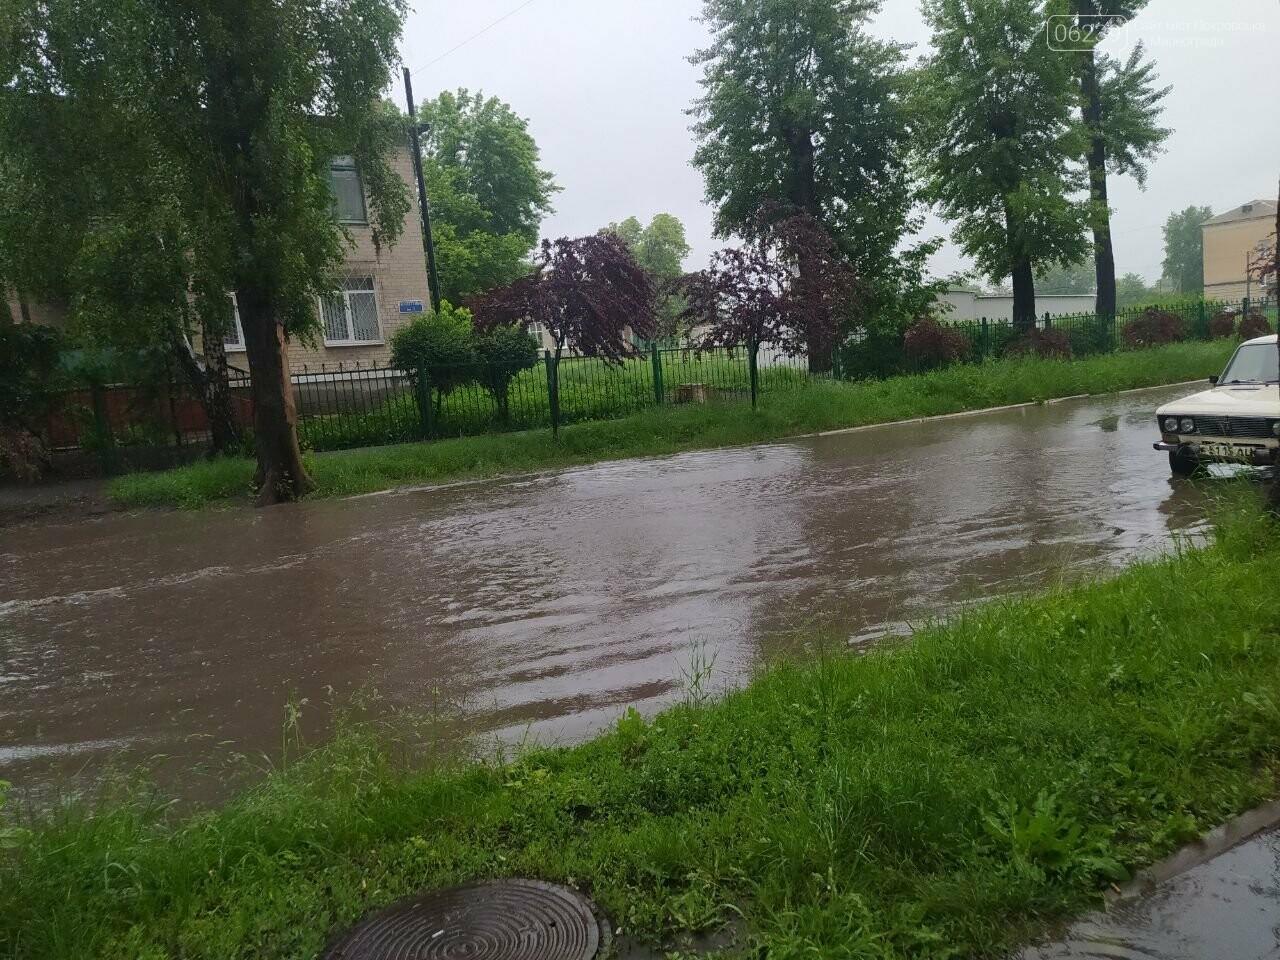 Ливень в Покровске - из-за дождя подтоплены несколько улиц (ФОТО), фото-4